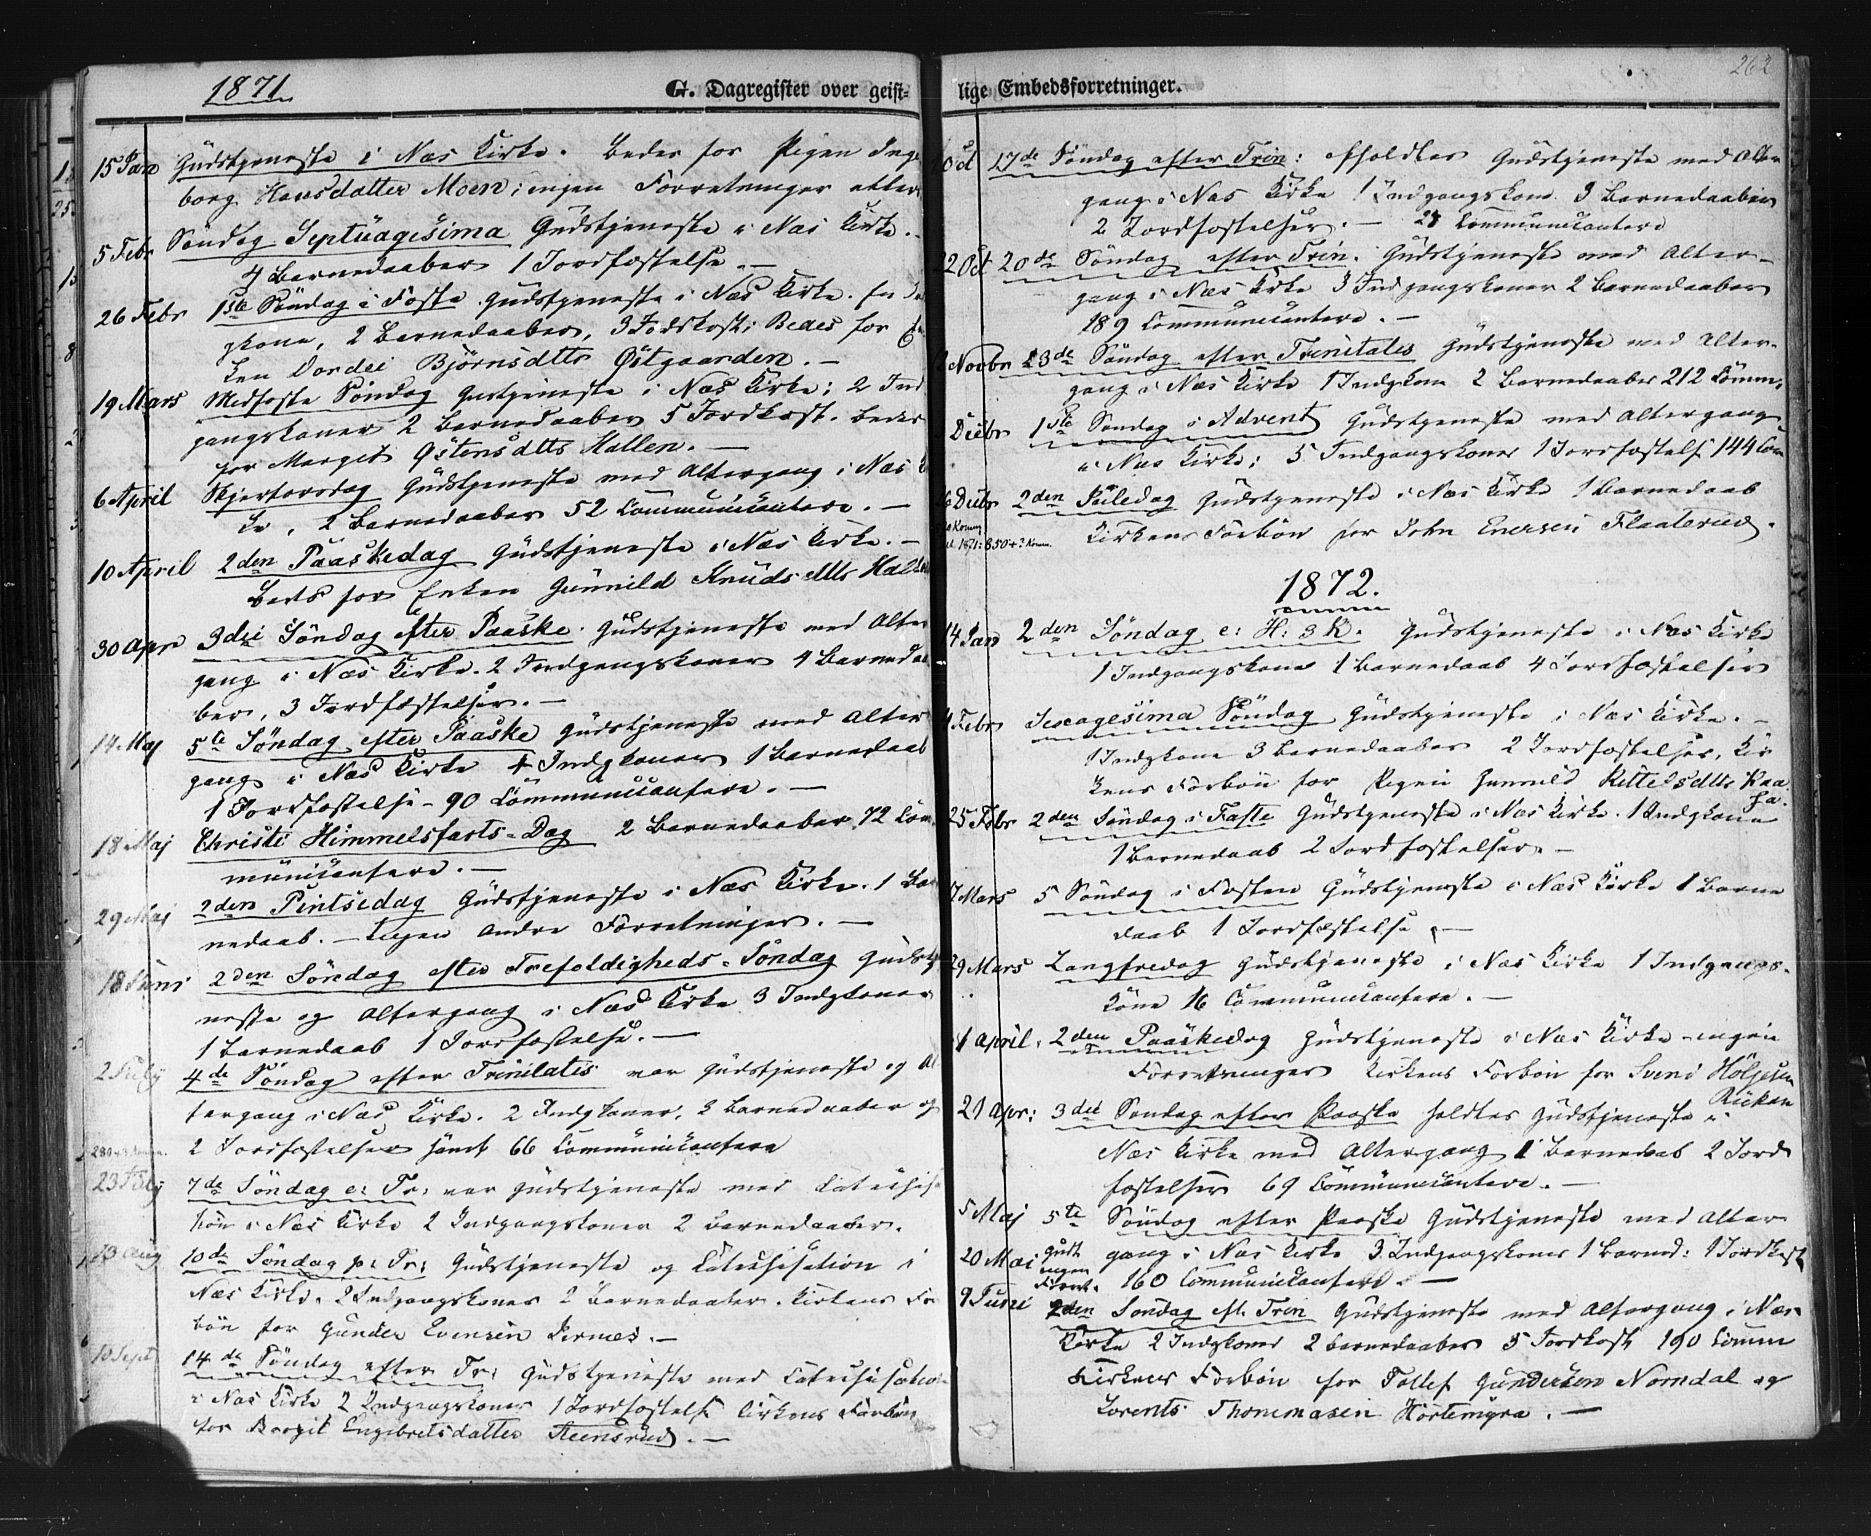 SAKO, Sauherad kirkebøker, F/Fb/L0001: Ministerialbok nr. II 1, 1851-1877, s. 262